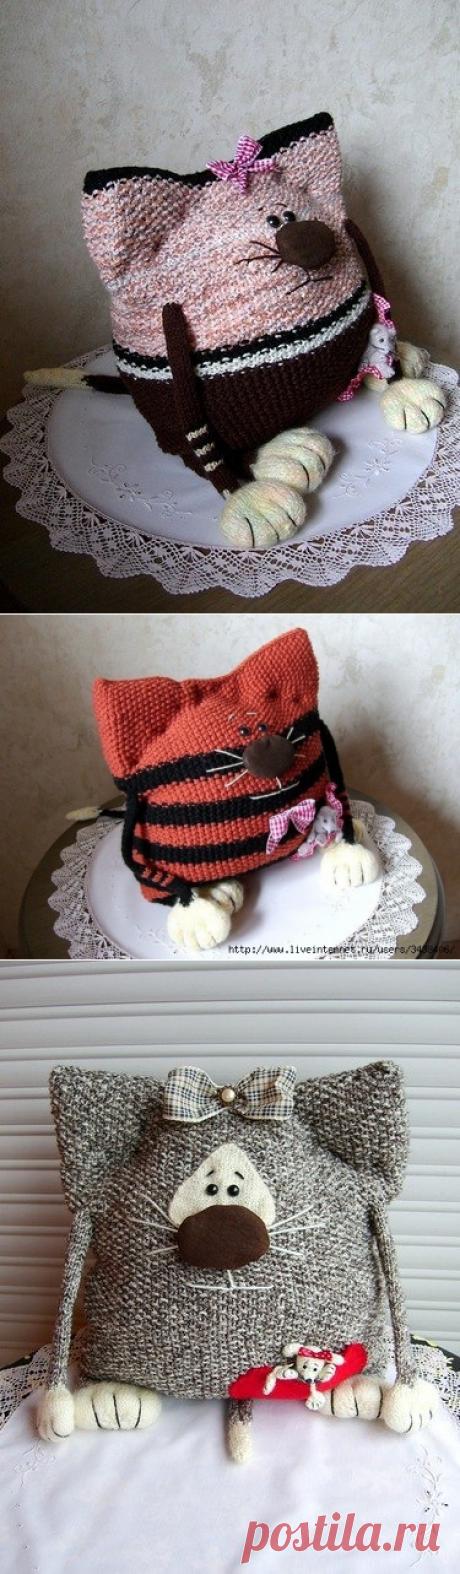 Забавные кото-подушки